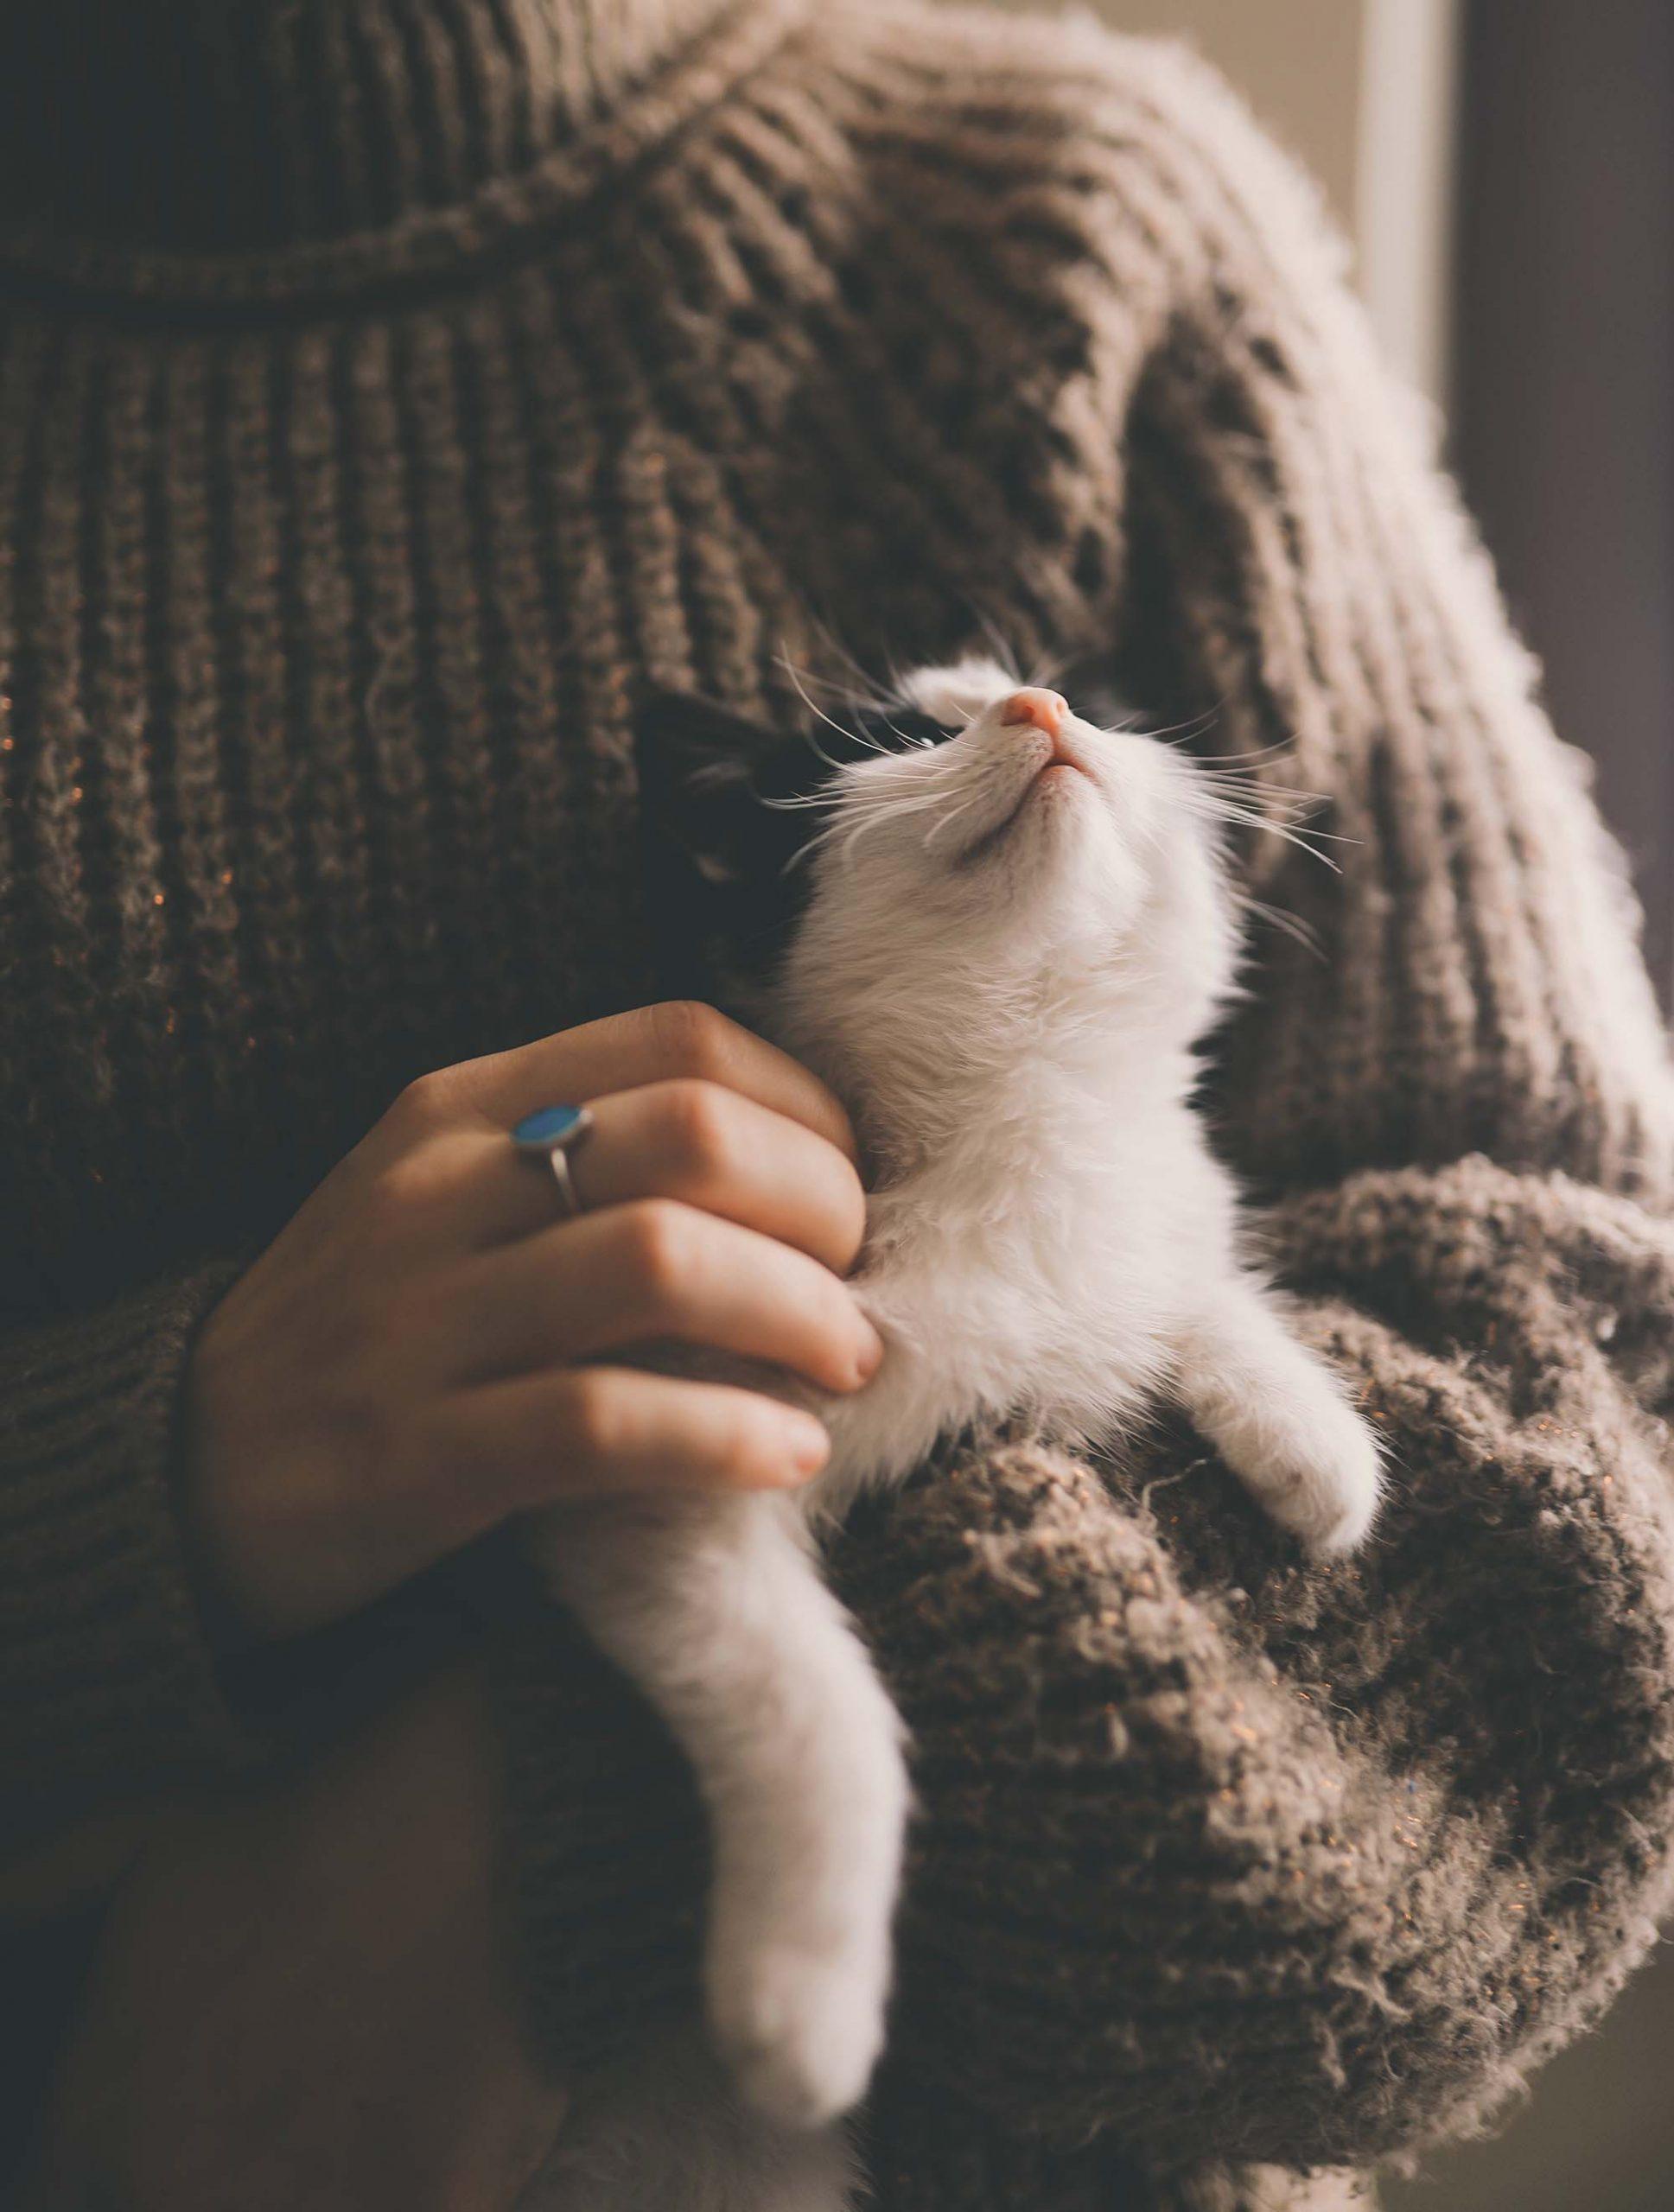 chơi với thú cưng cải thiện sức khỏe tinh thần